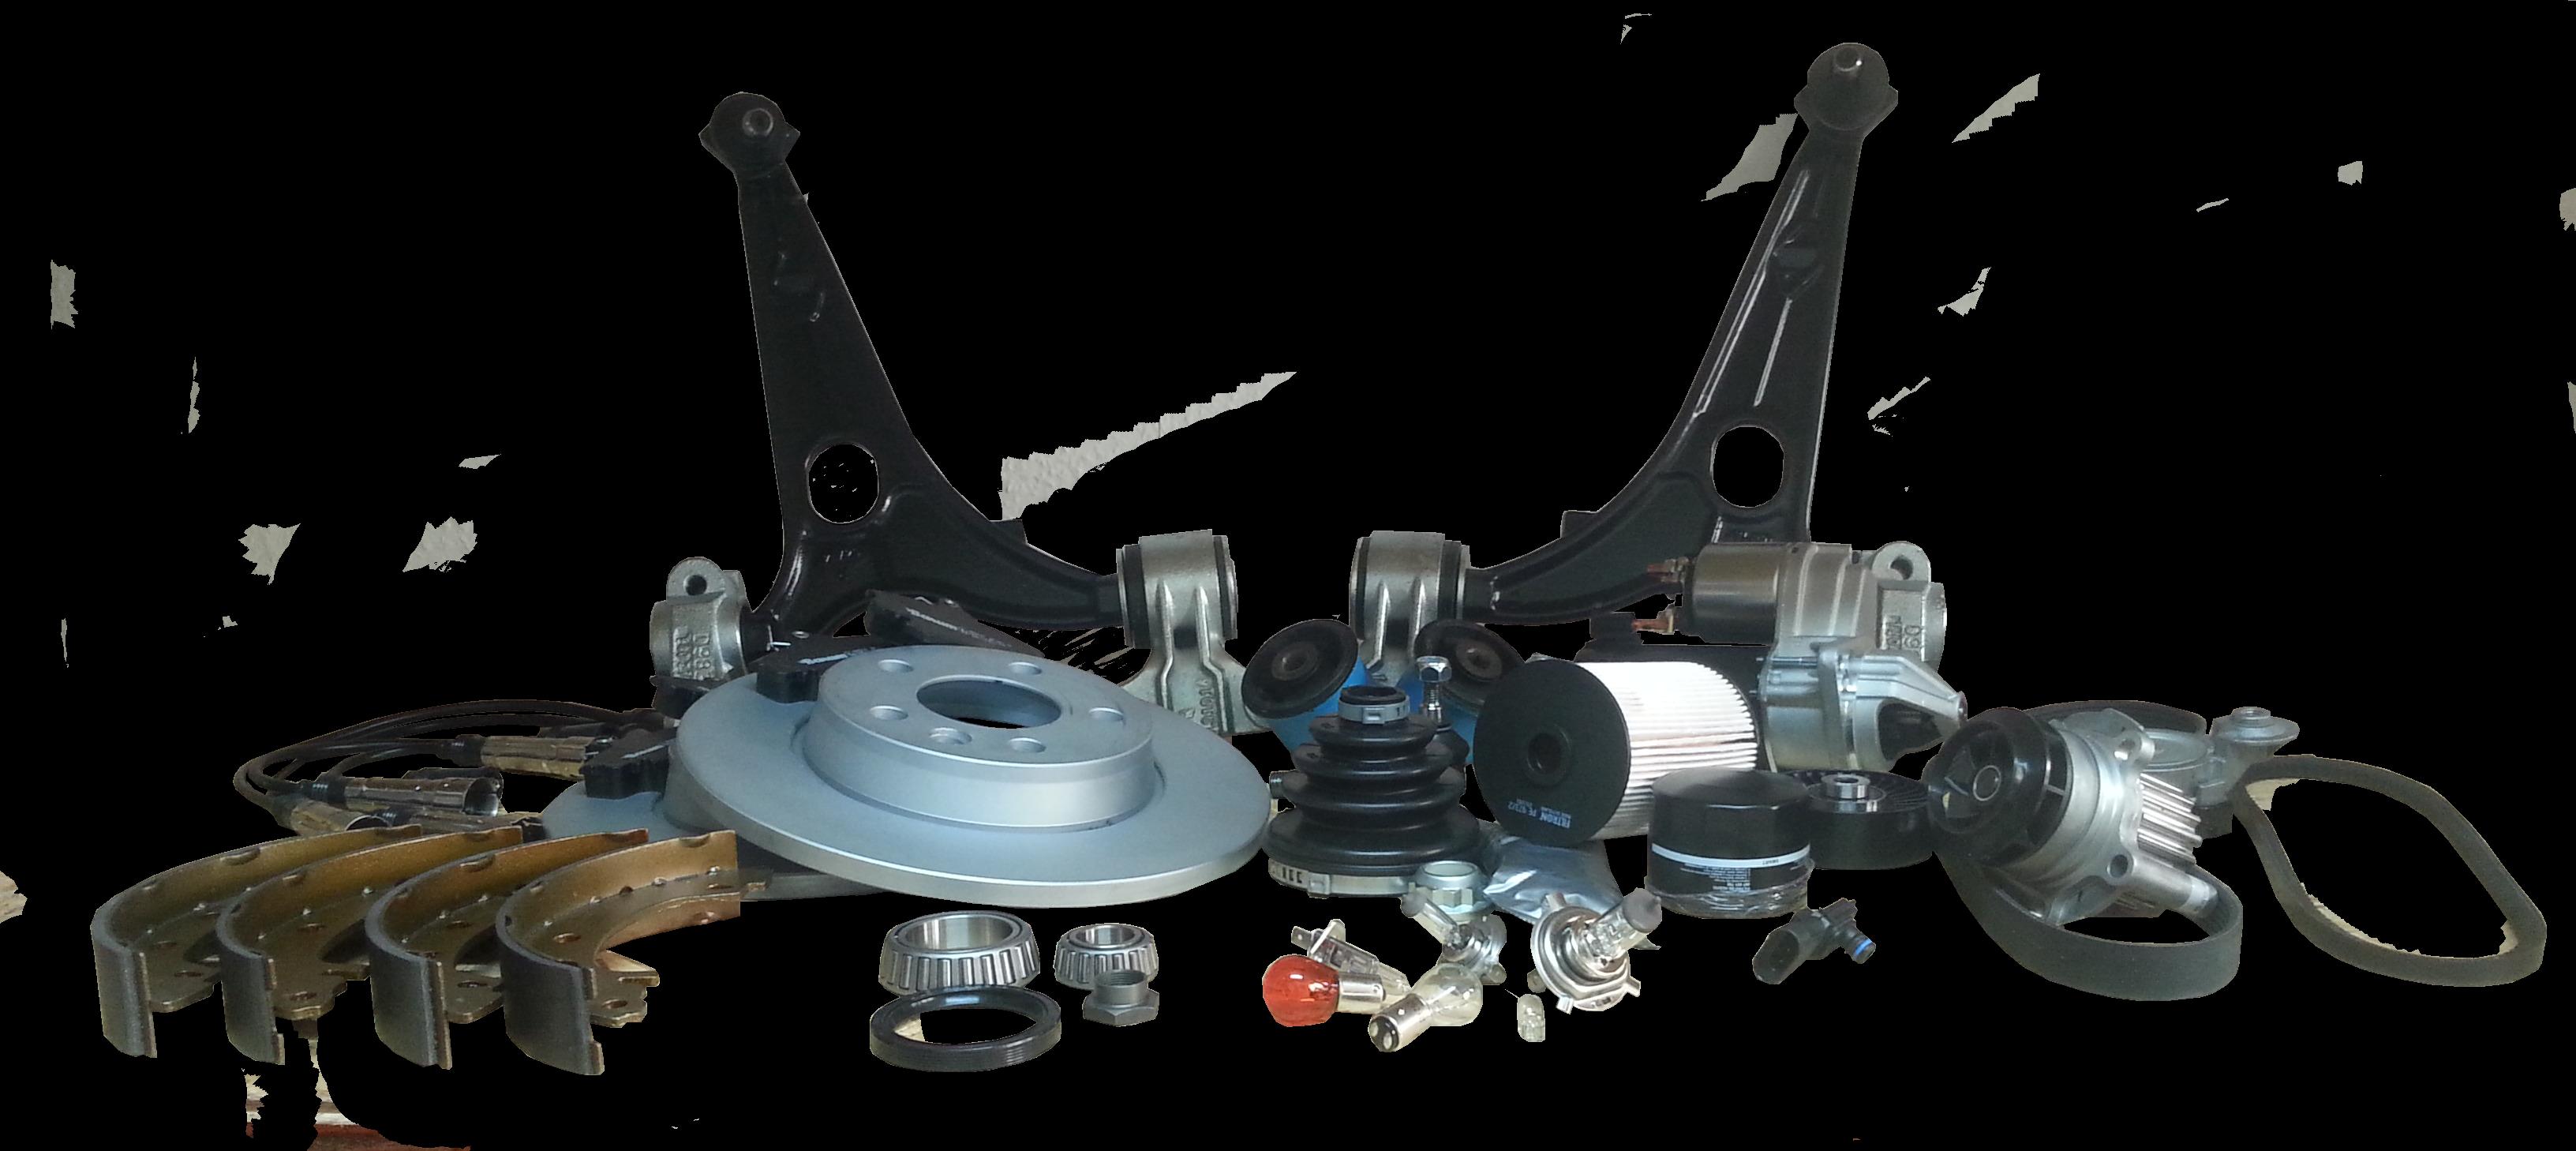 Kfz-Ersatzteile günstig bei jm-automotive Ihr Kfz-Teilehandel.